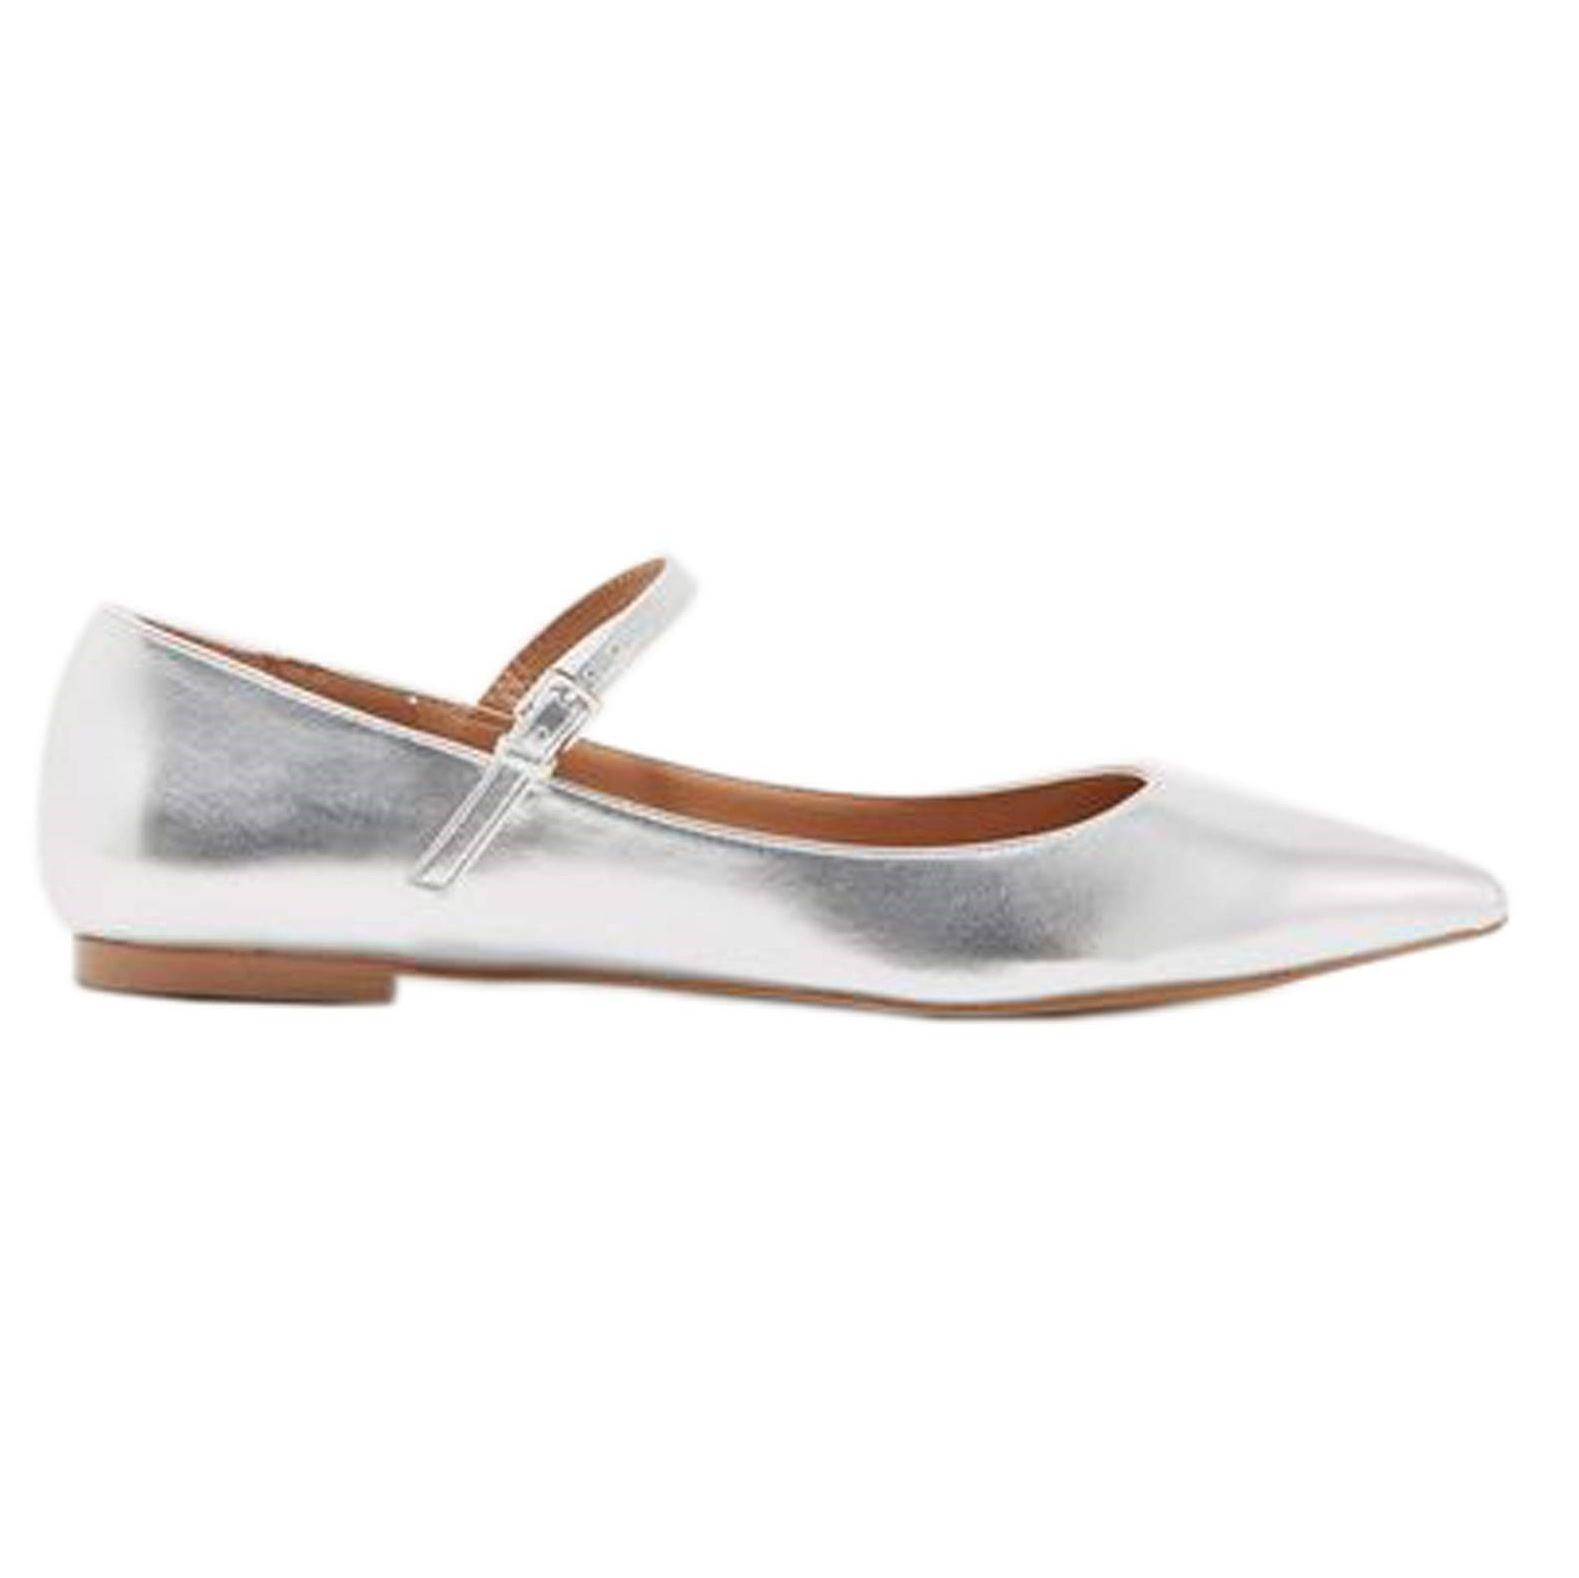 کفش تخت زنانه ویولتا بای مانگو Fani - نقرهاي - 1